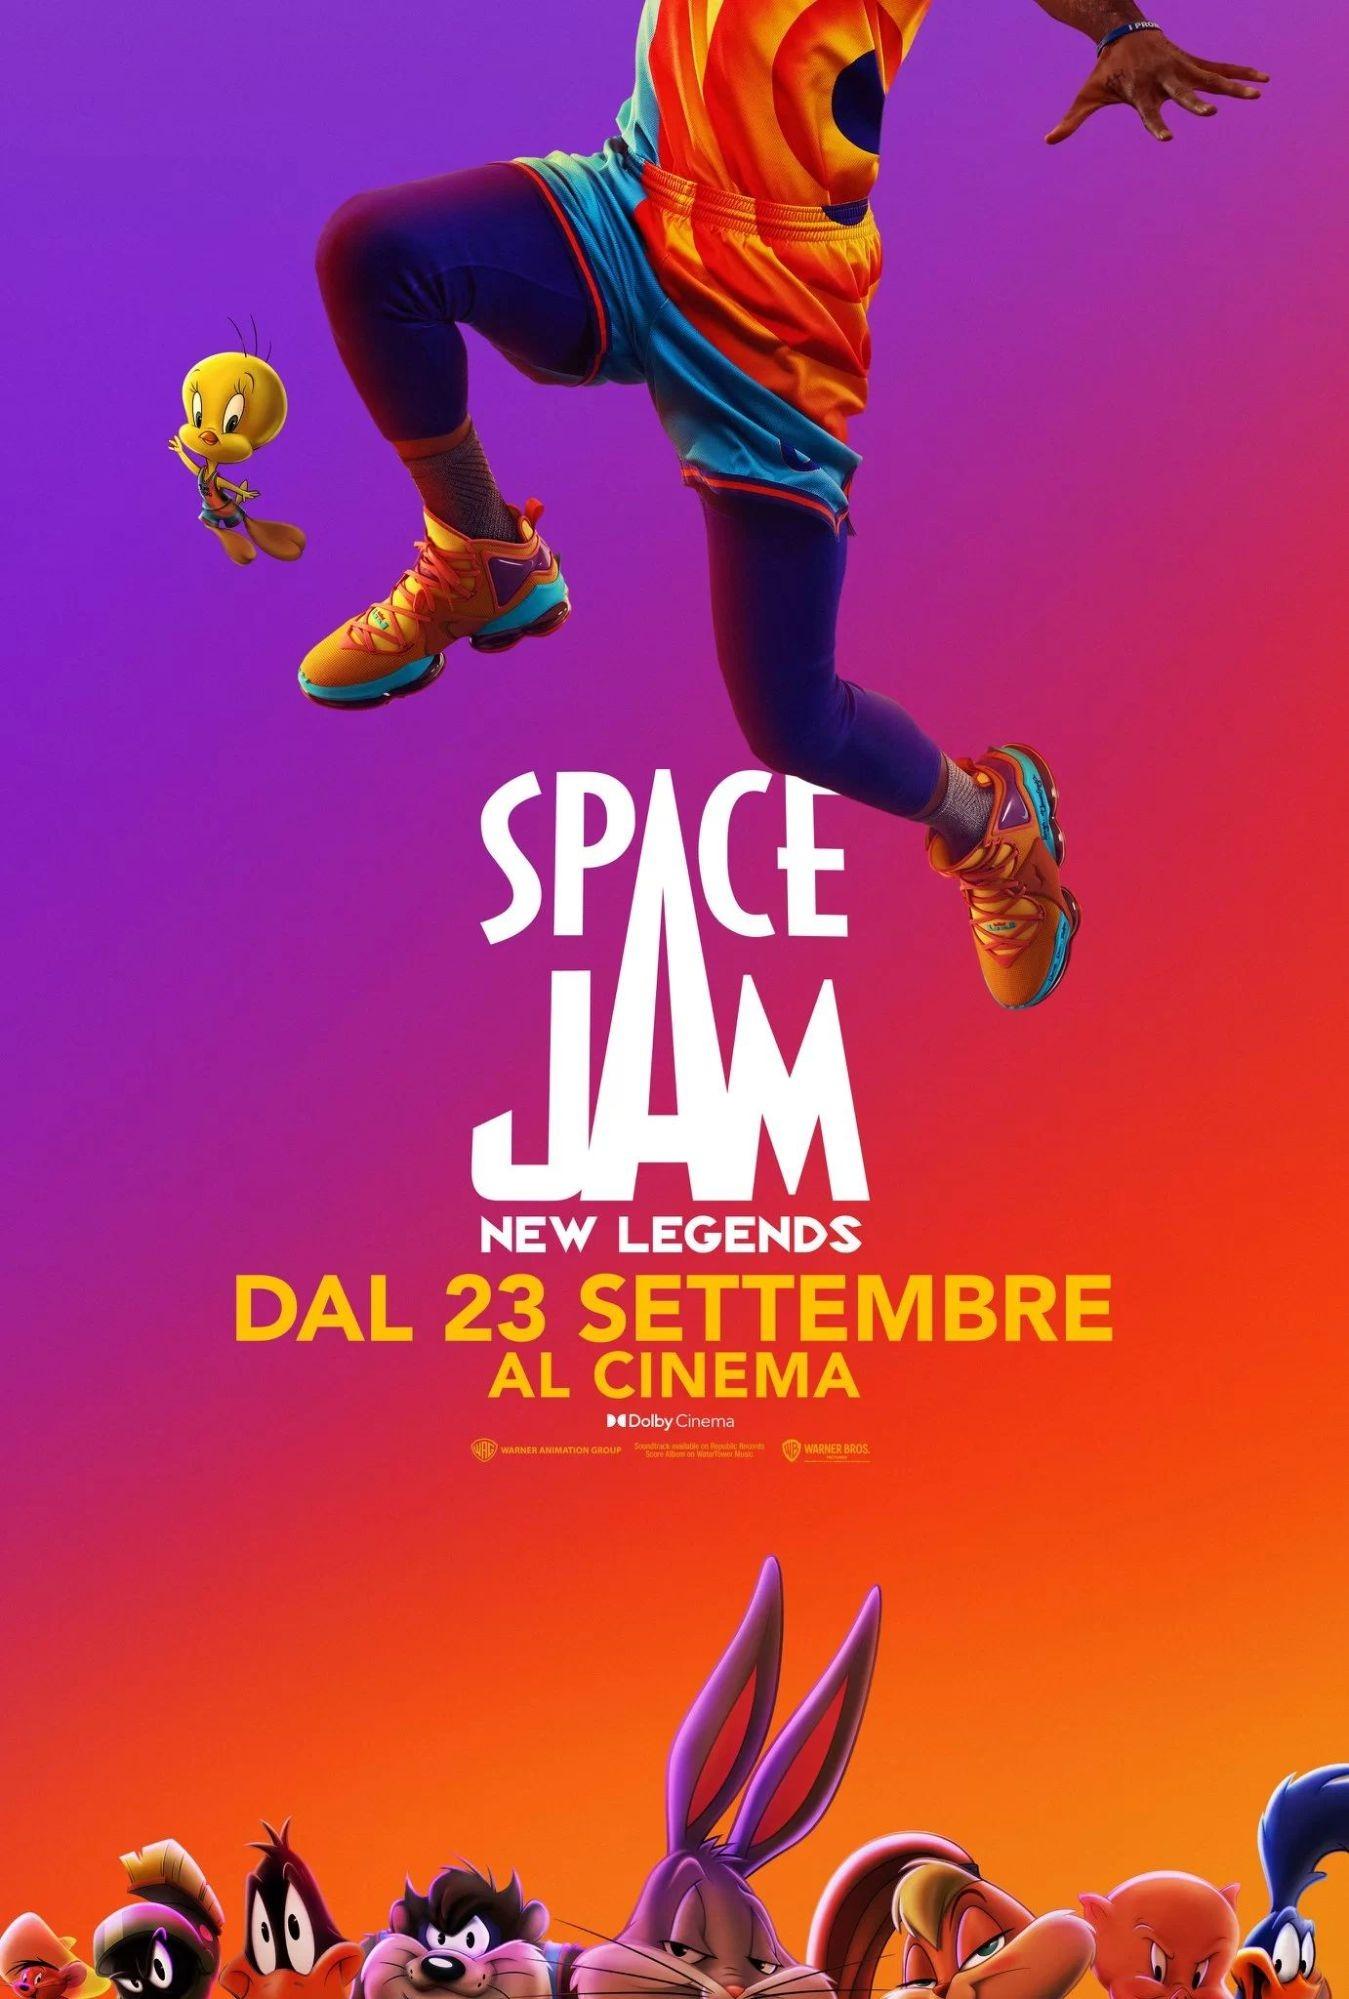 space-jam-new-legendsrecensione1-1632730686.jpeg